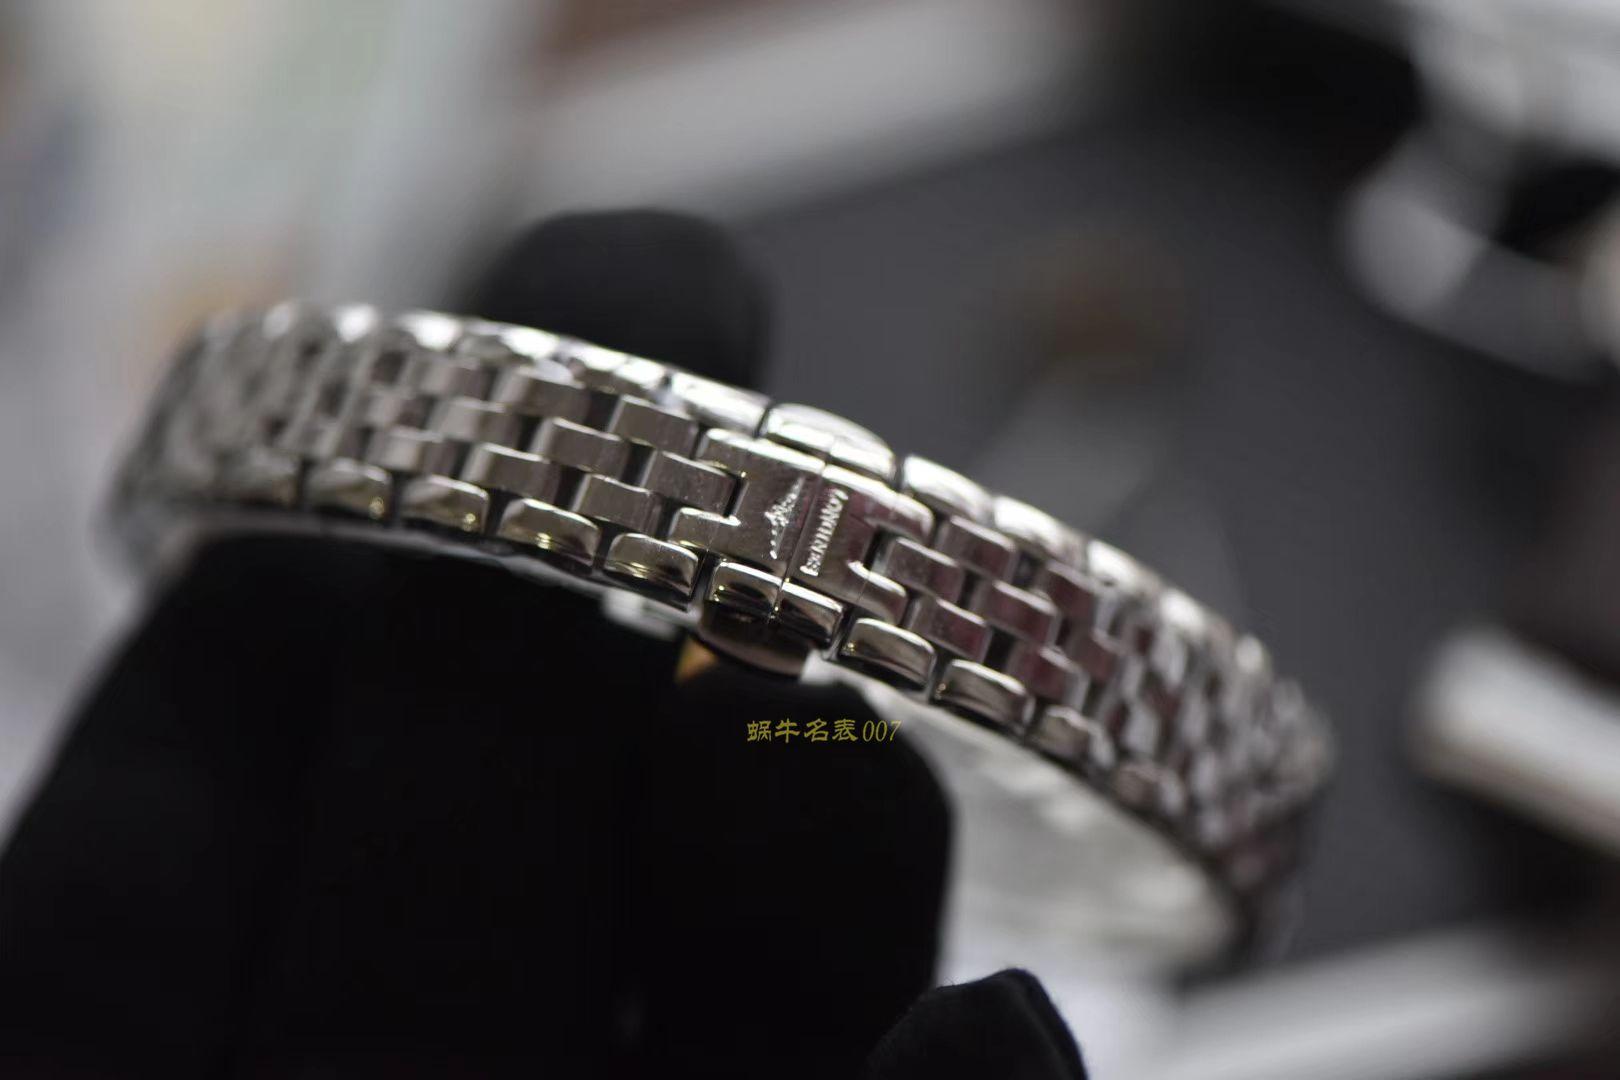 视频评测台湾厂一比一超A高仿浪琴制表传统系列L4.309.4.87.6腕表女装 / L106